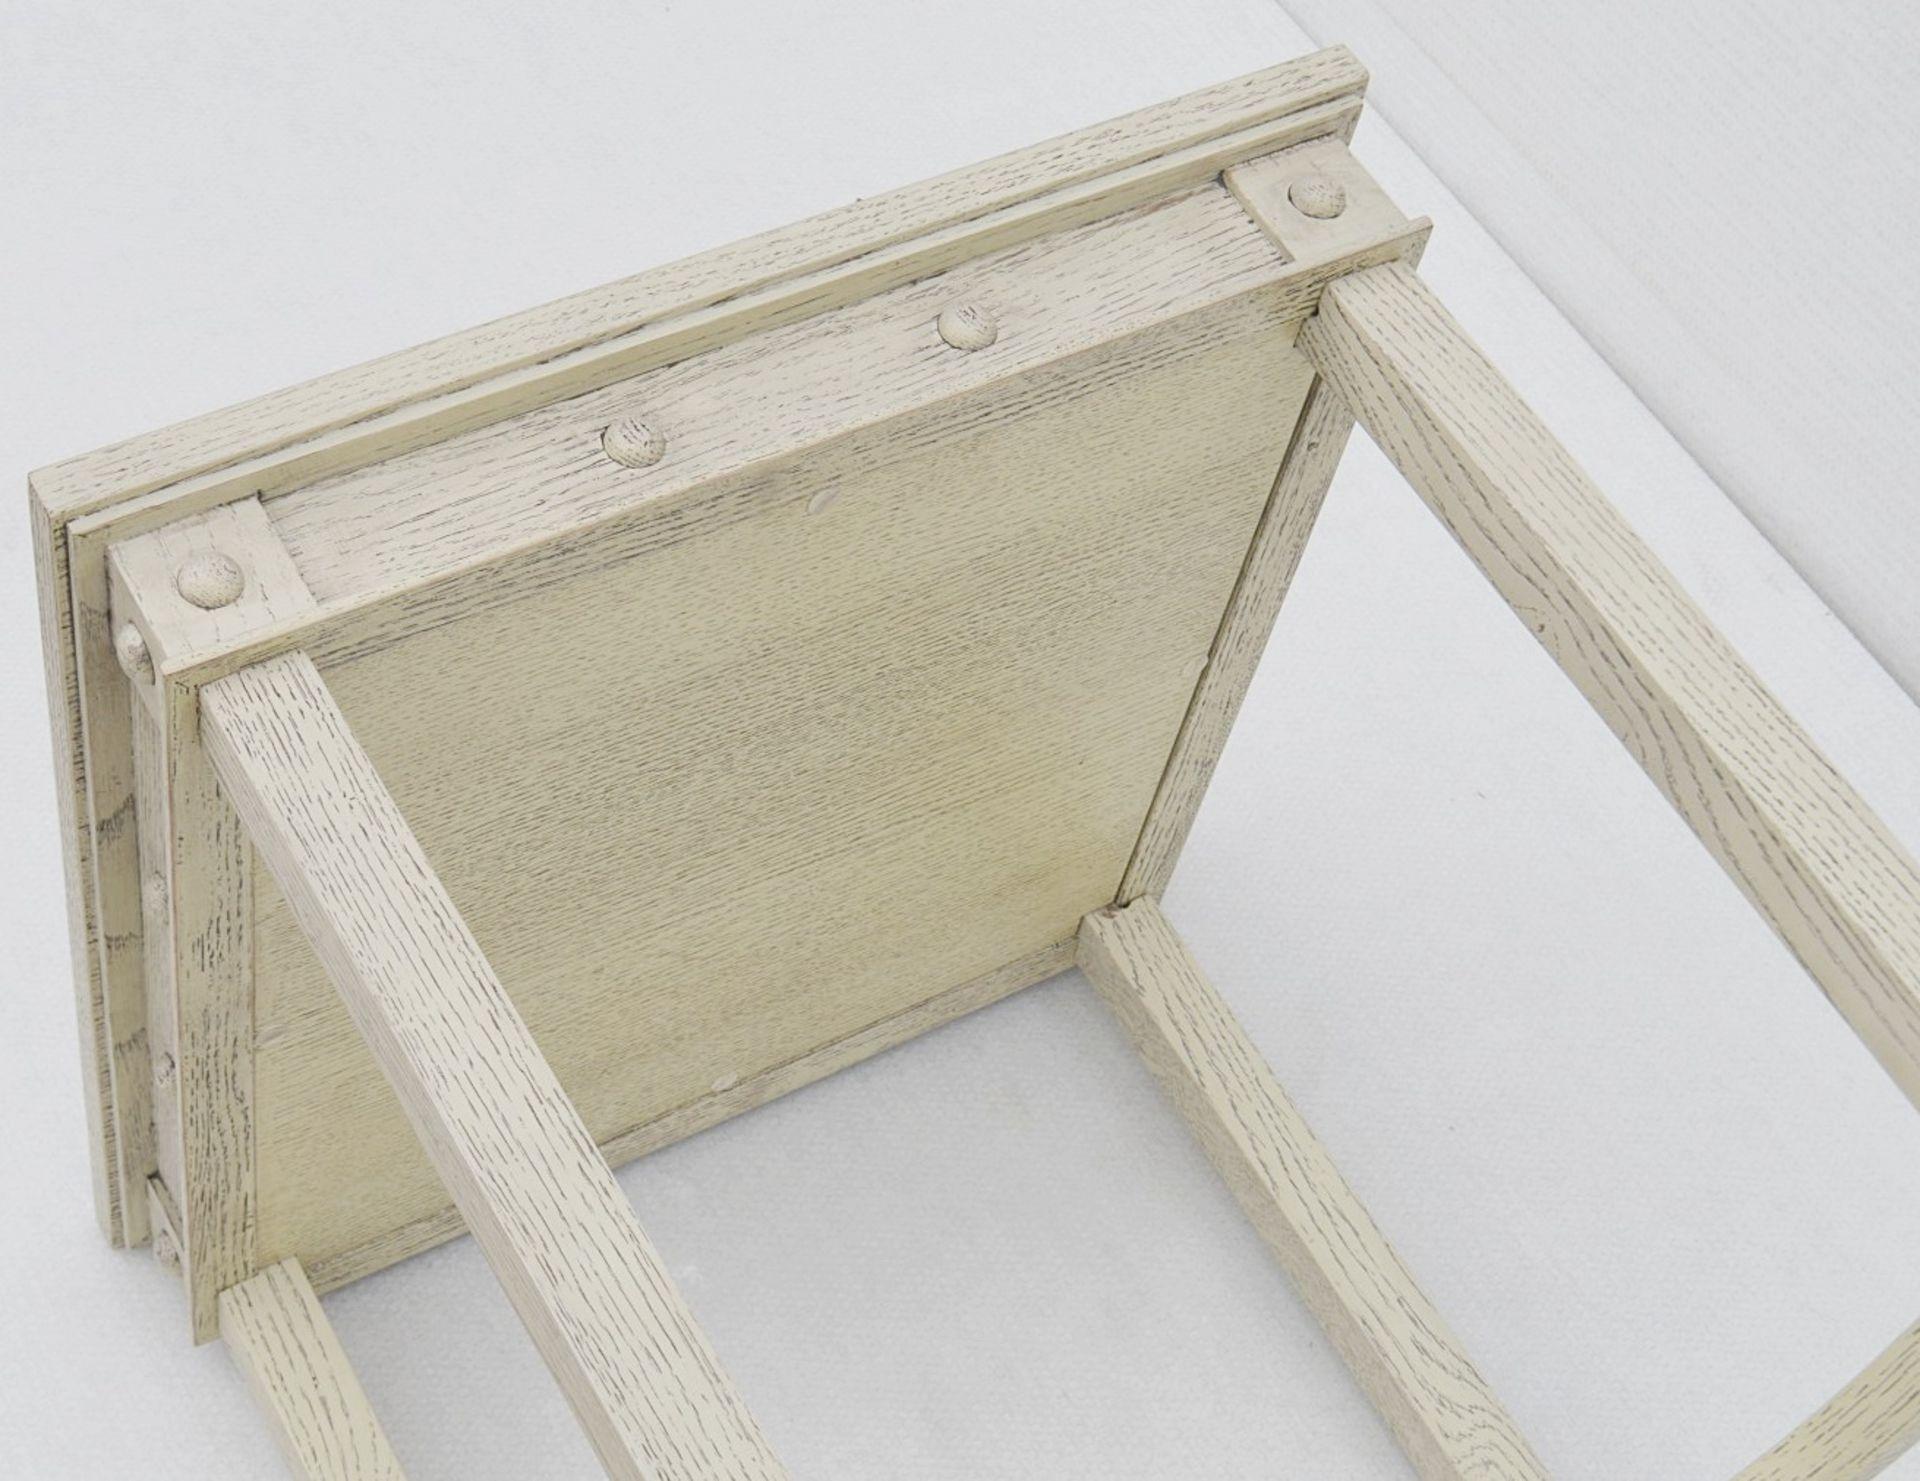 1 x JUSTIN VAN BREDA 'Thomas' Designer Georgian-inspired Occasional Table - Original RRP £1,320 - Image 6 of 8